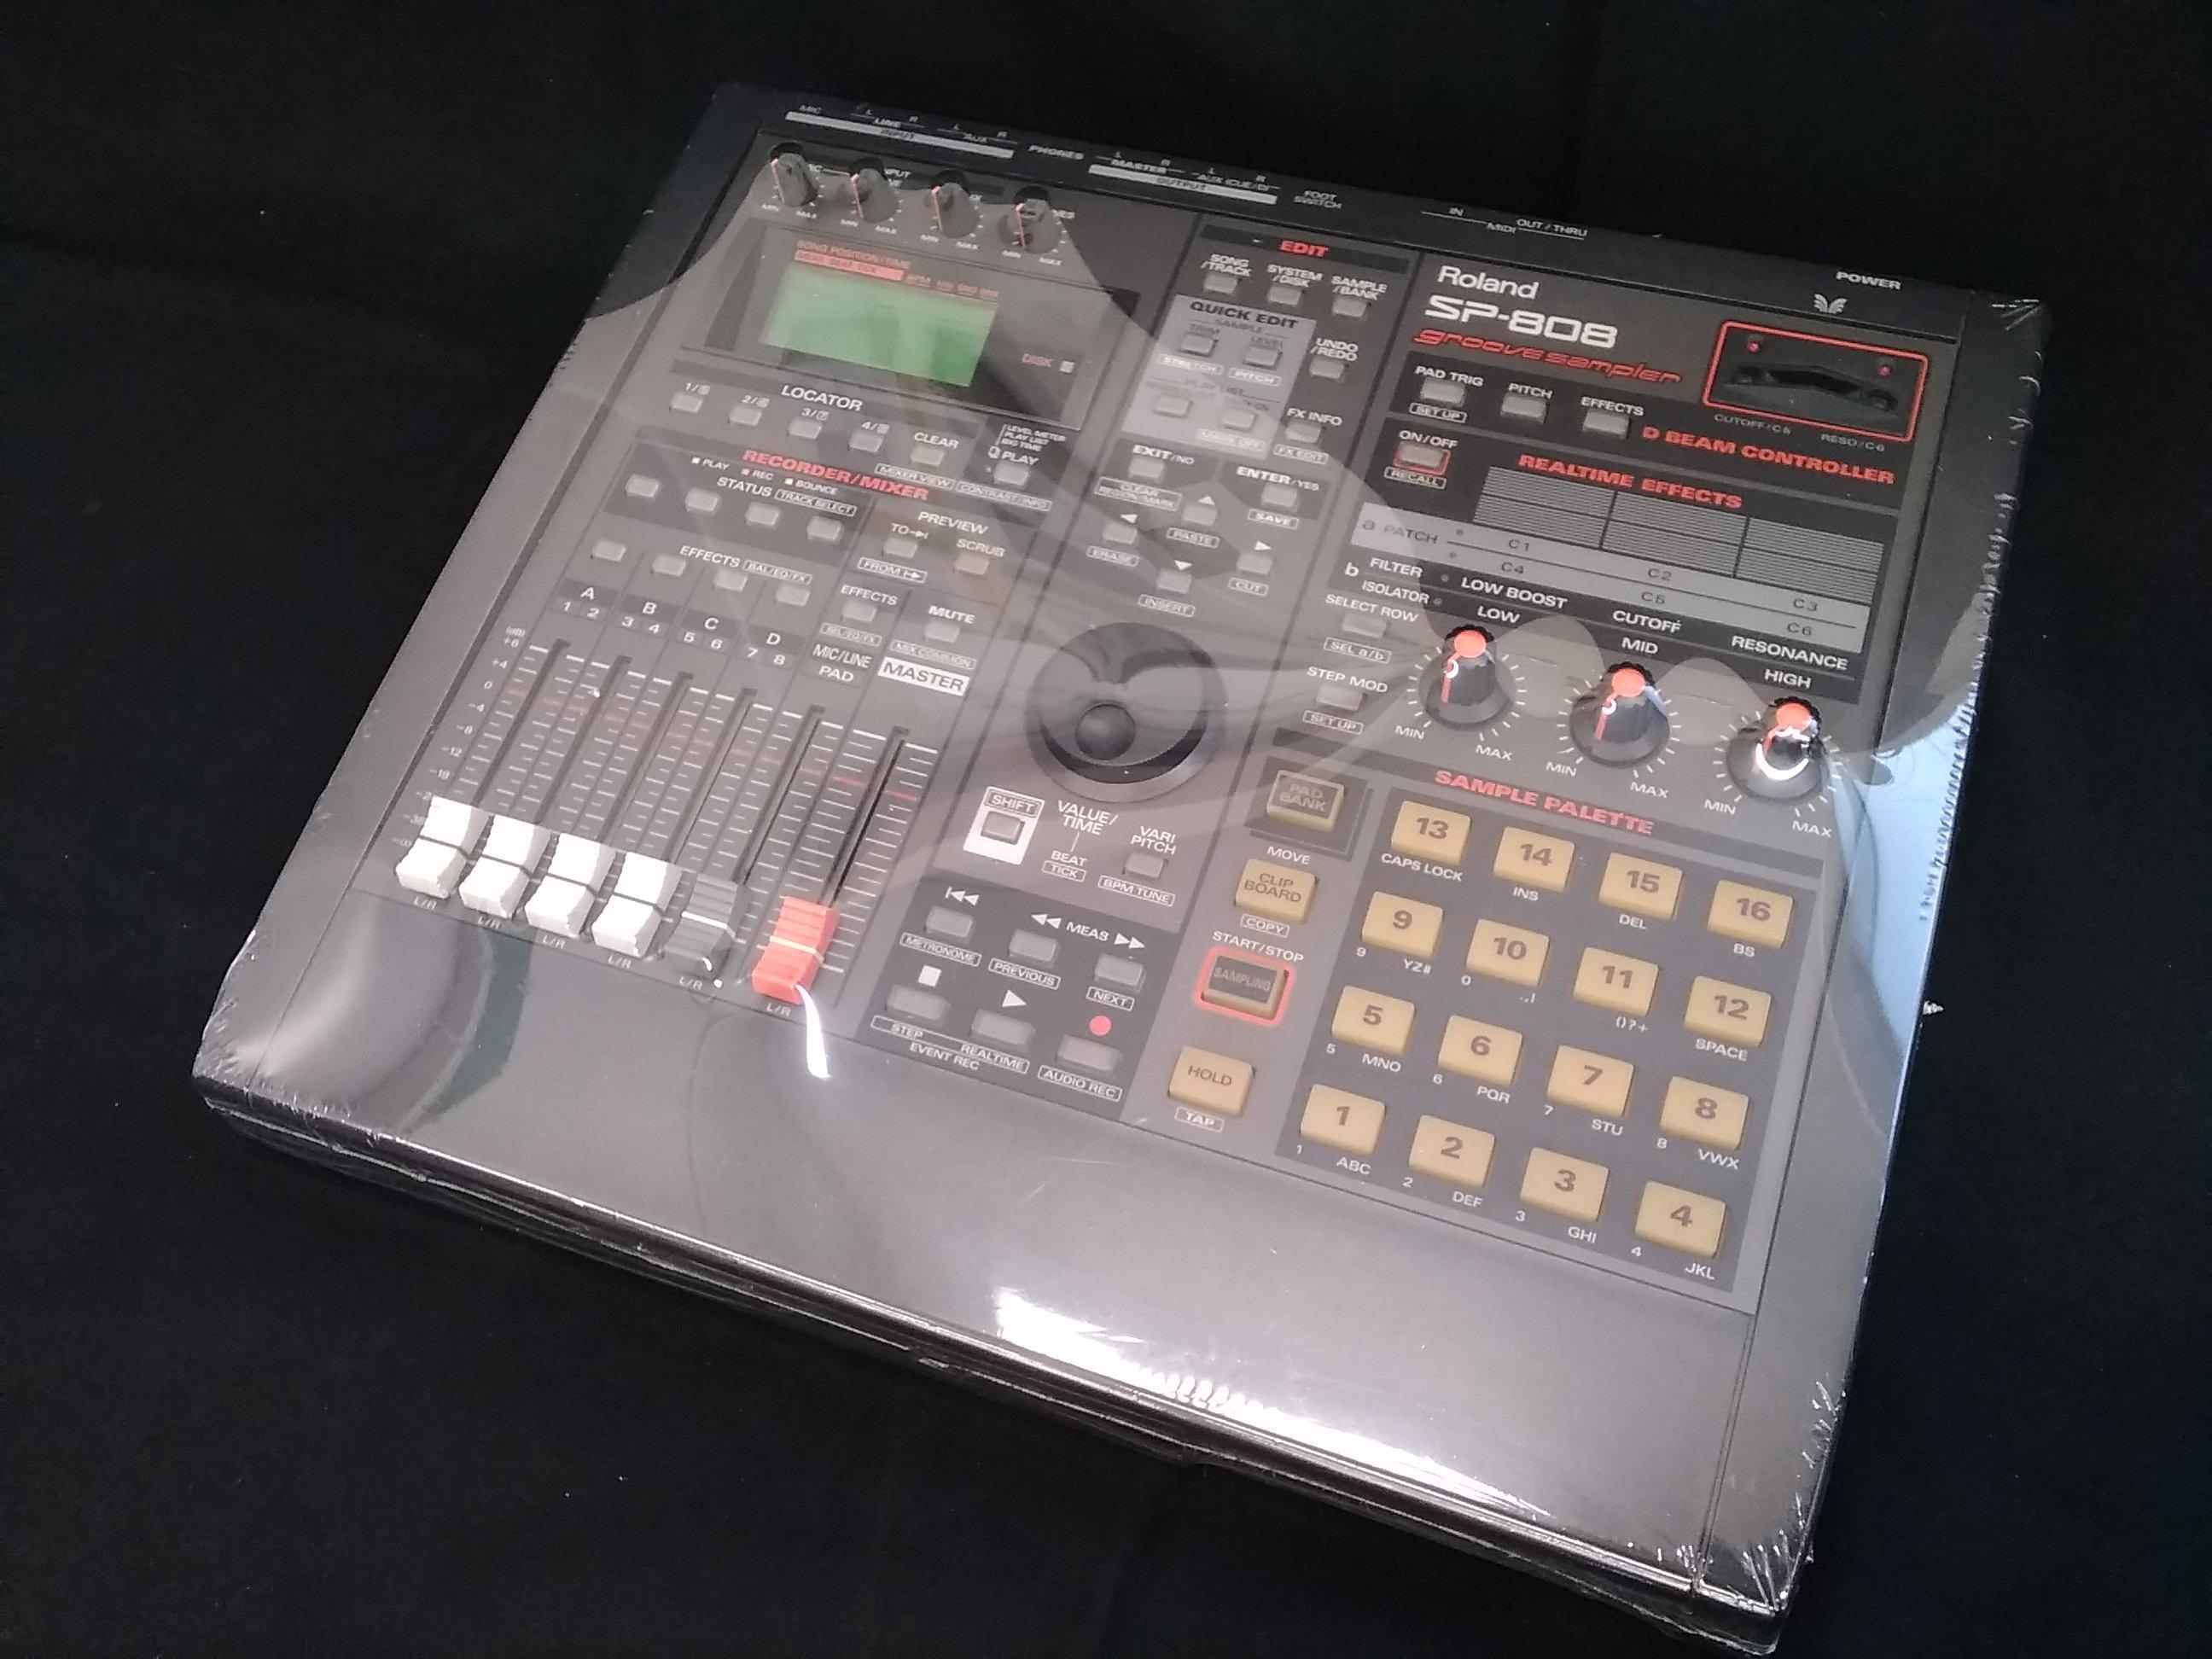 Roland SP-808|ROLAND